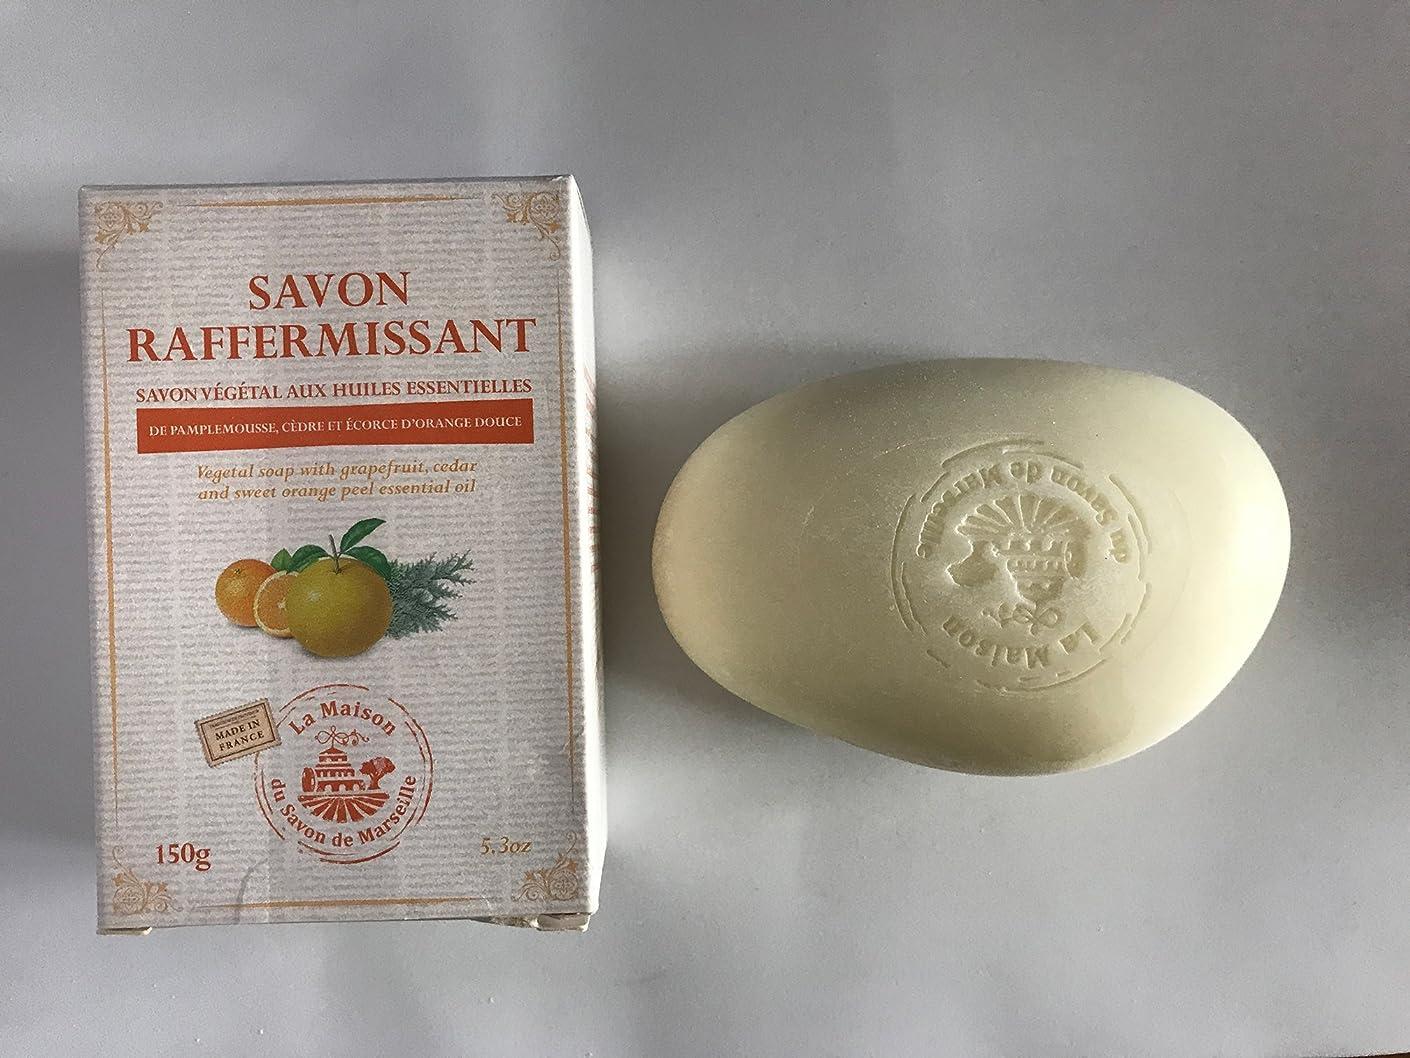 ペンダント場所不器用Savon de Marseille Soap with essential oils,Firming 150g